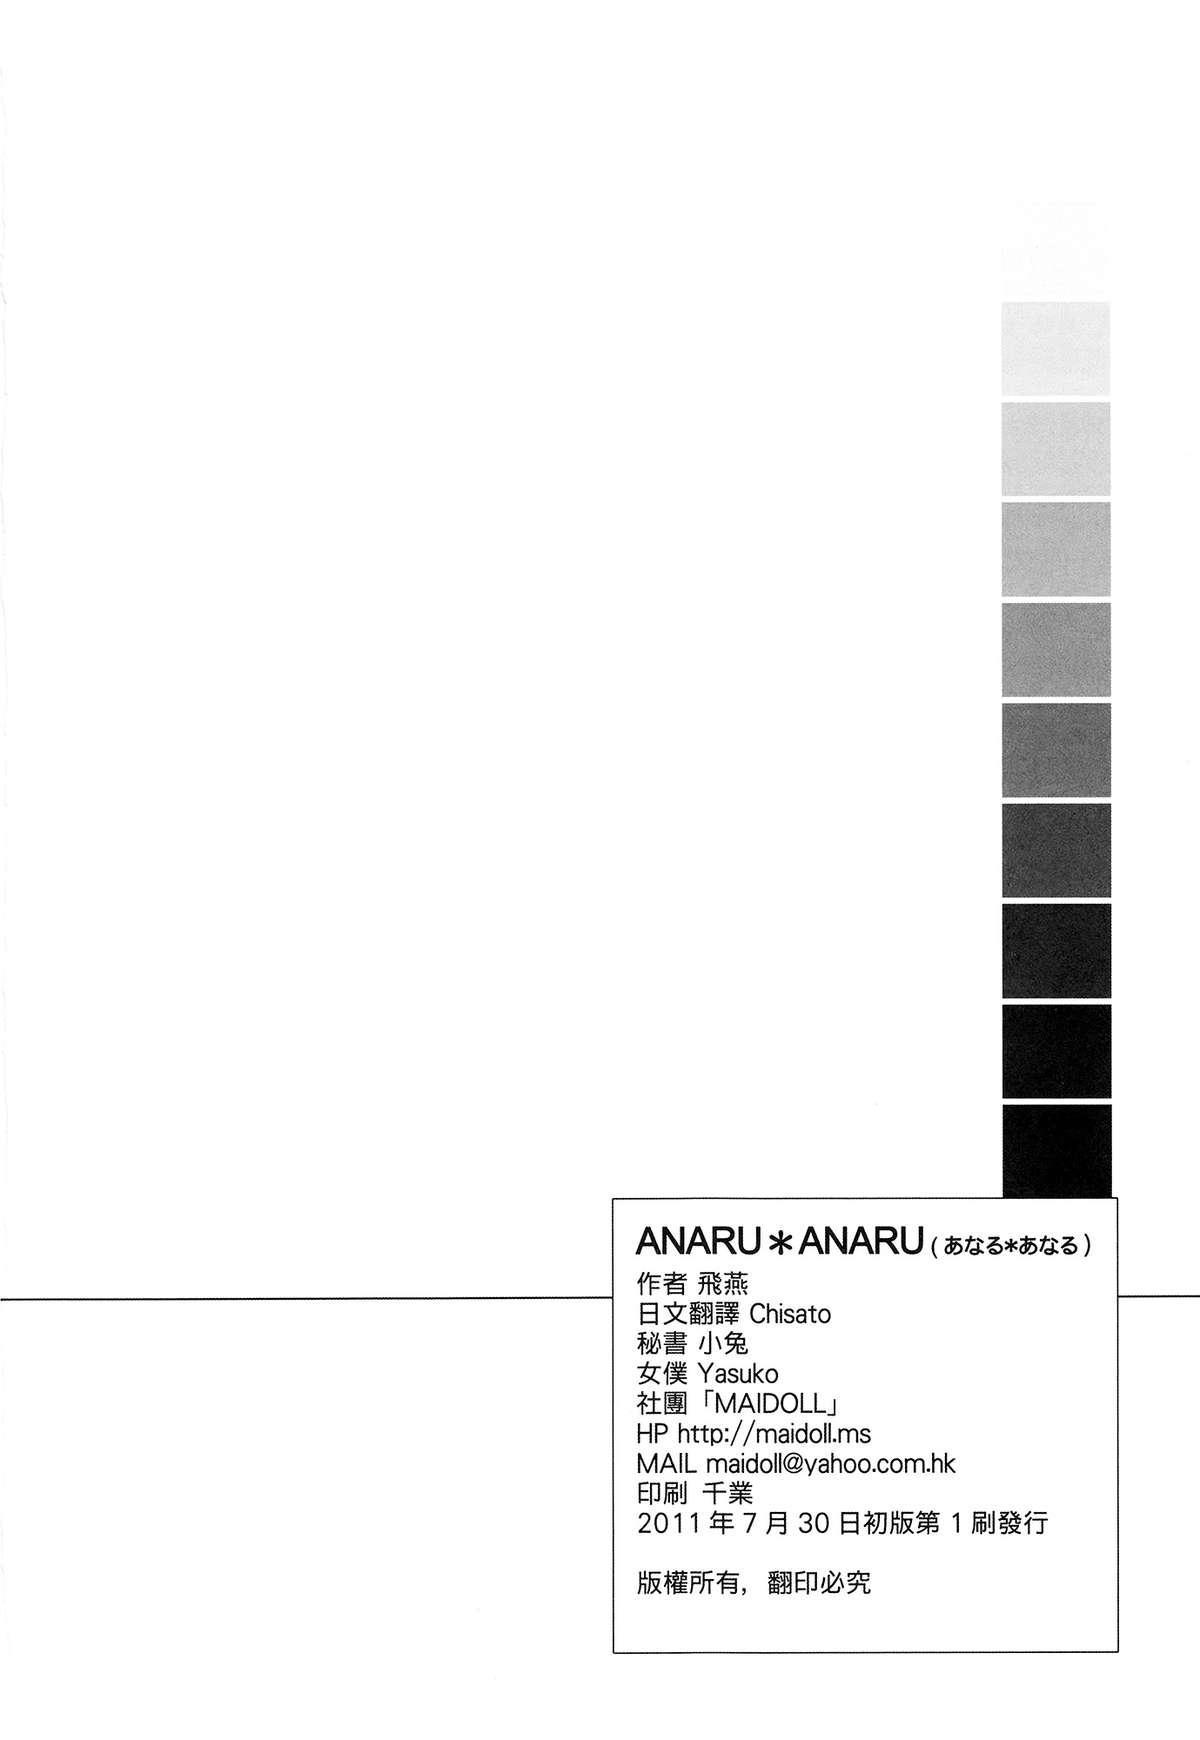 Anaru*Anaru 23